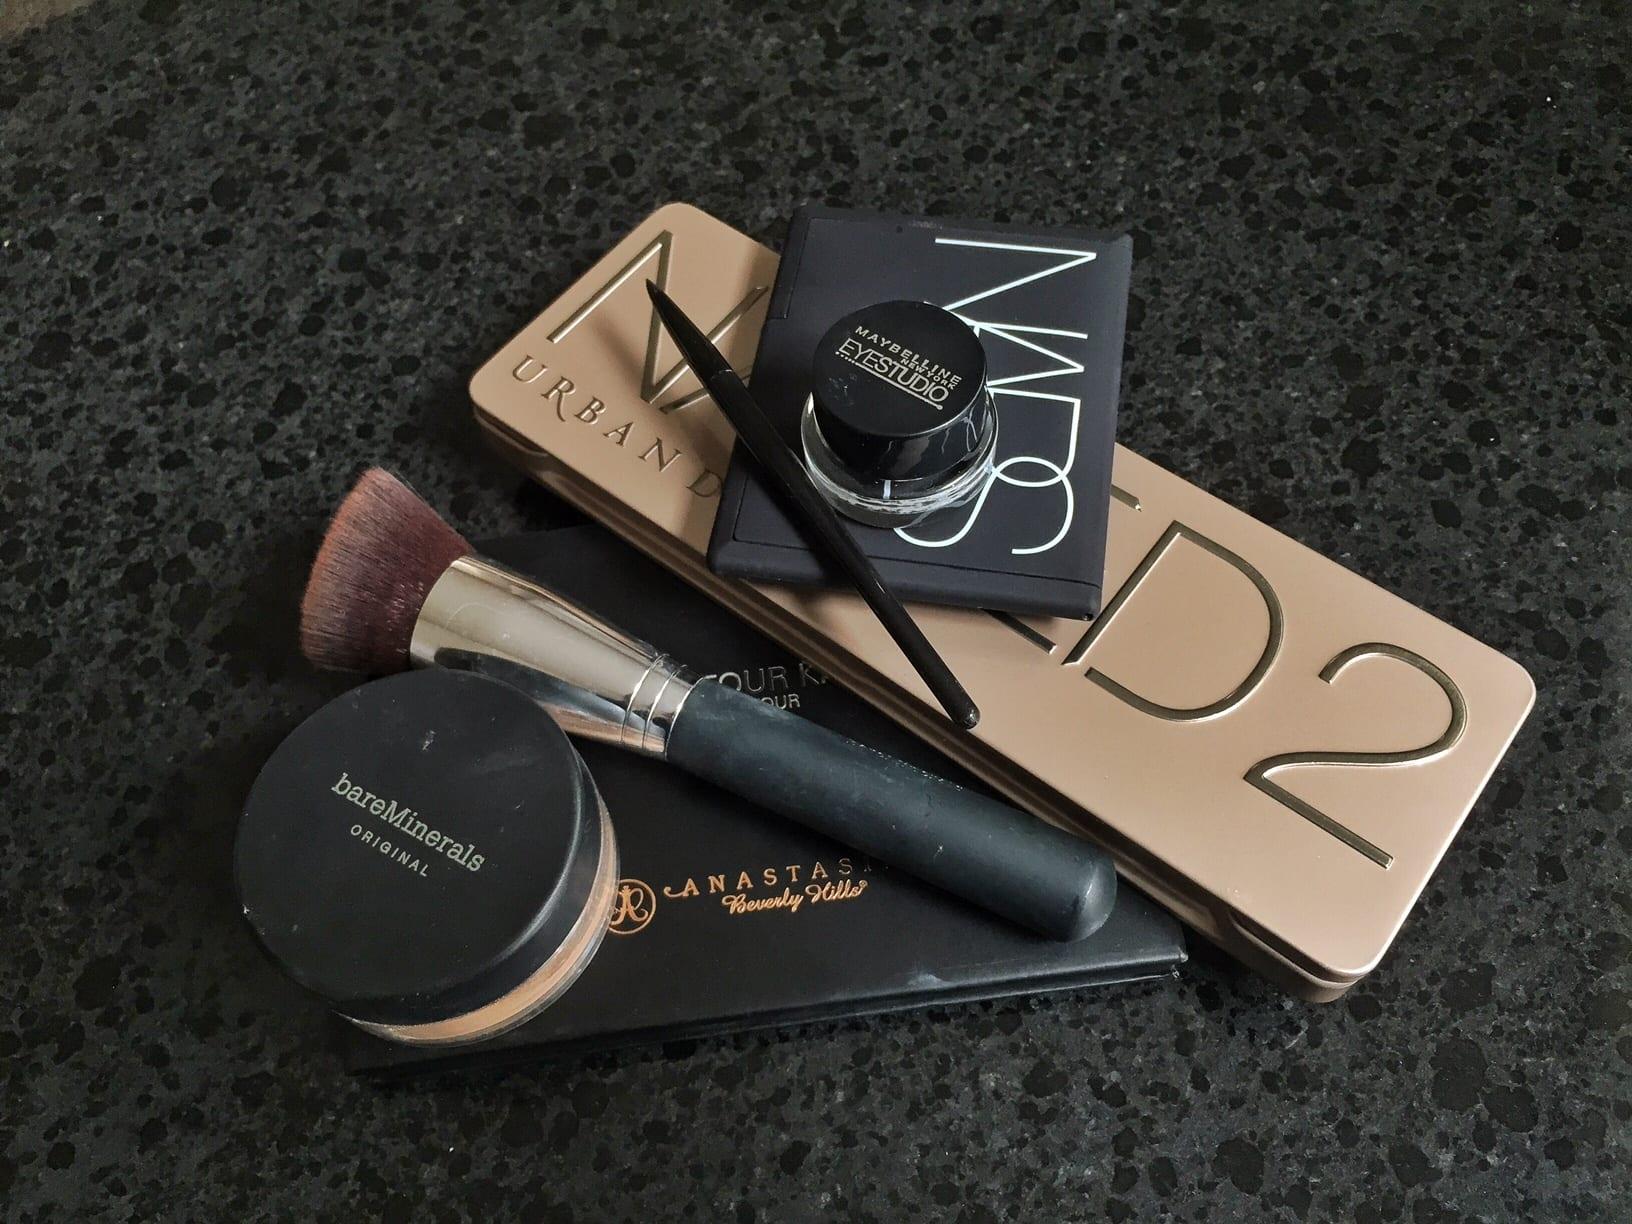 New Makeup